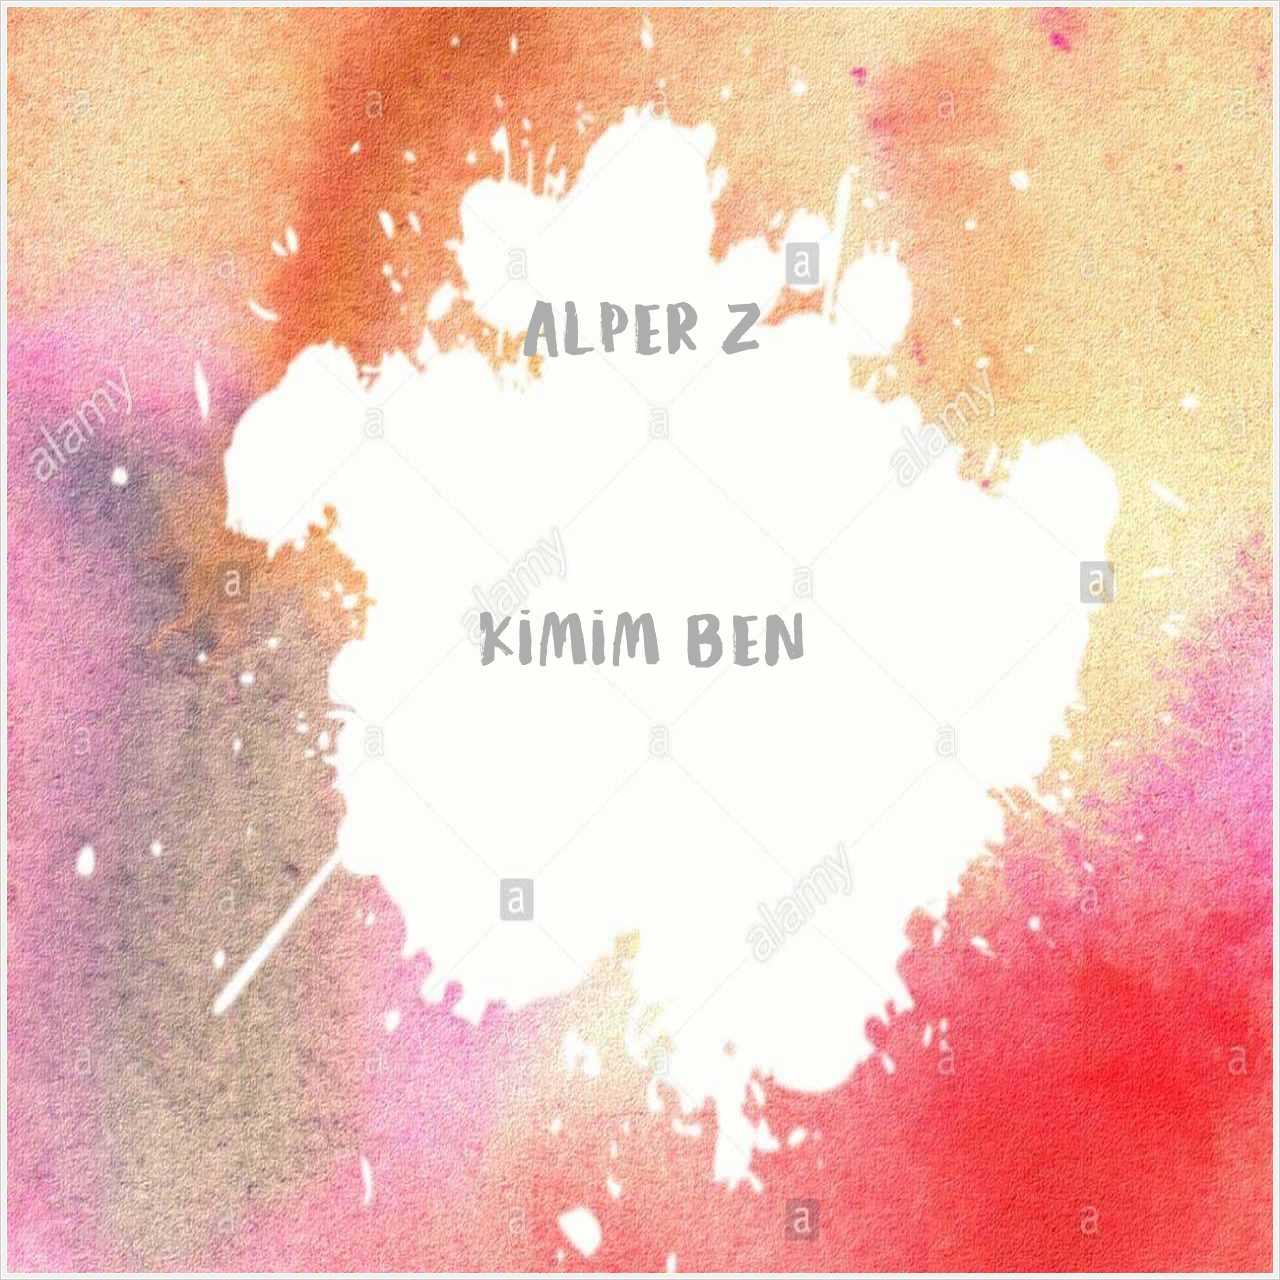 دانلود آهنگ جدید Alper Z به نام Kimim Ben